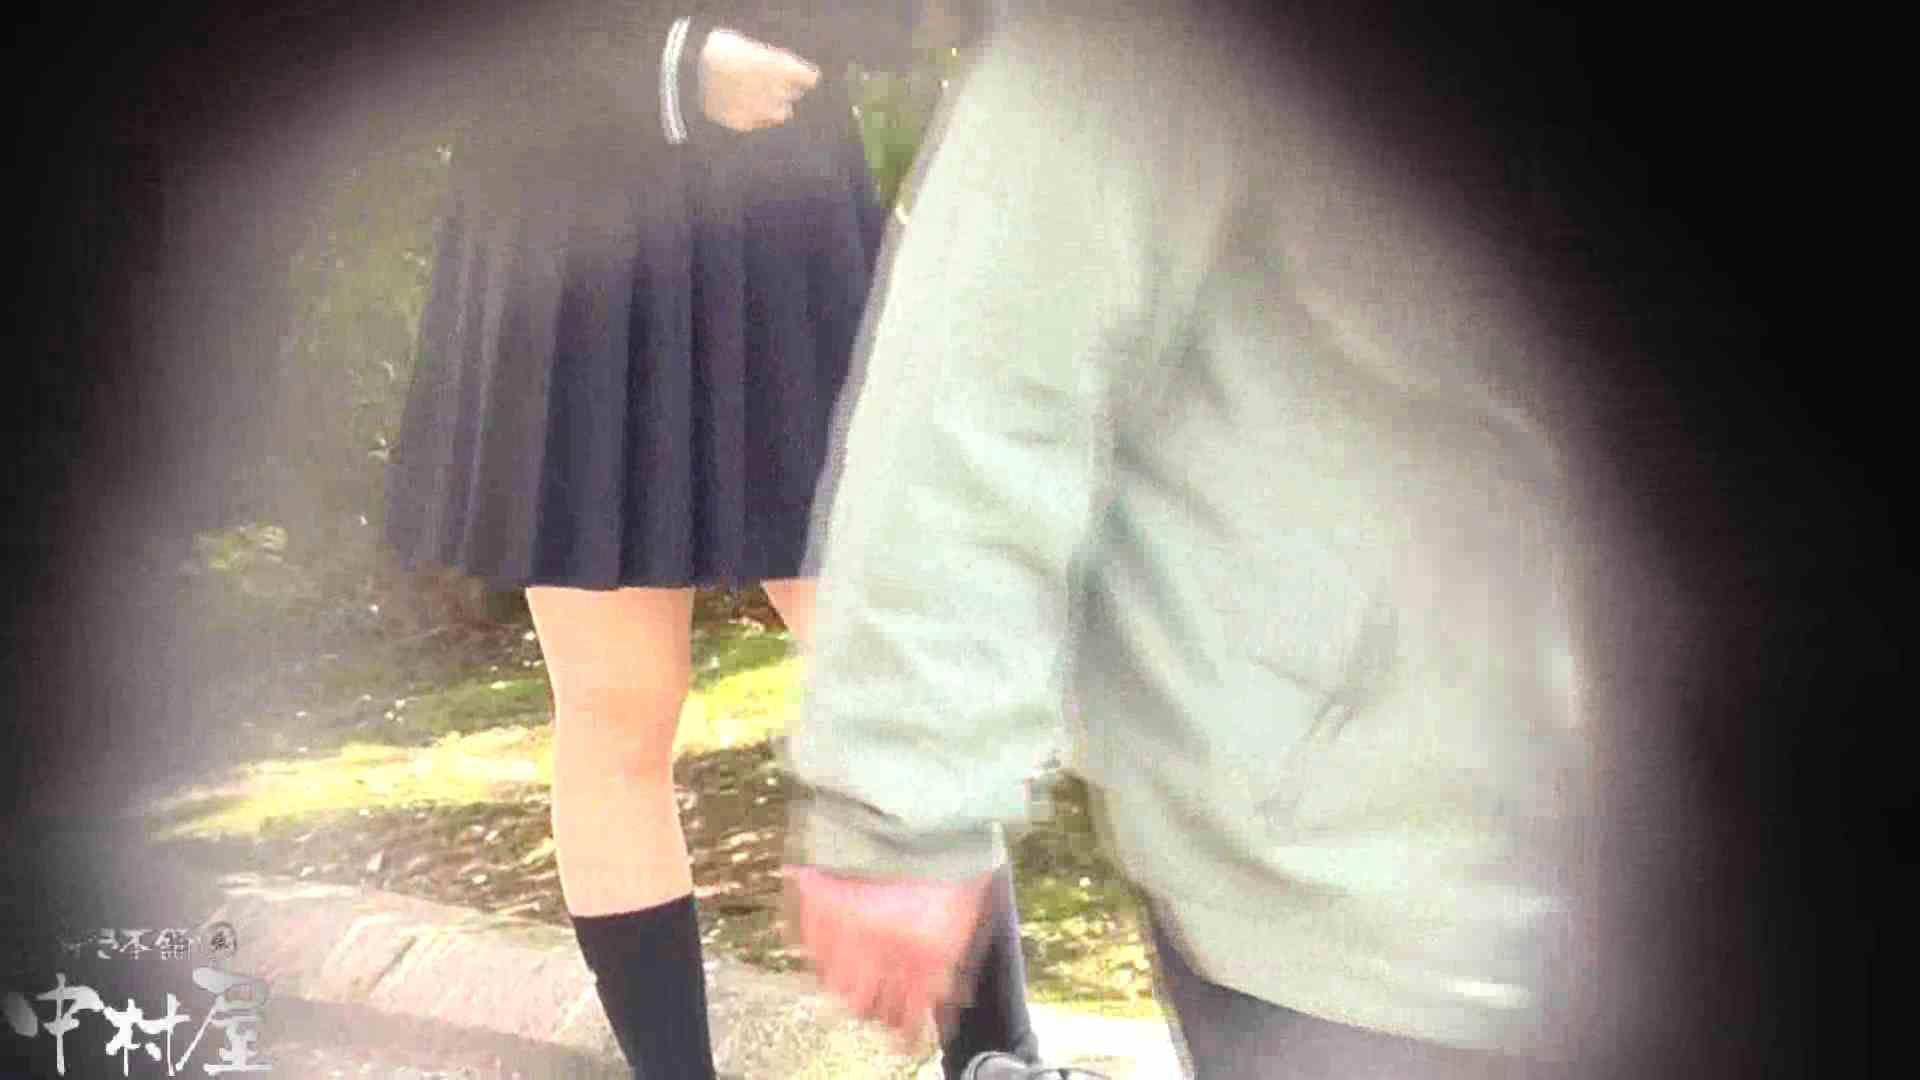 ドキドキ❤新入生パンチラ歓迎会vol.04 パンチラ ワレメ無修正動画無料 92PIX 47